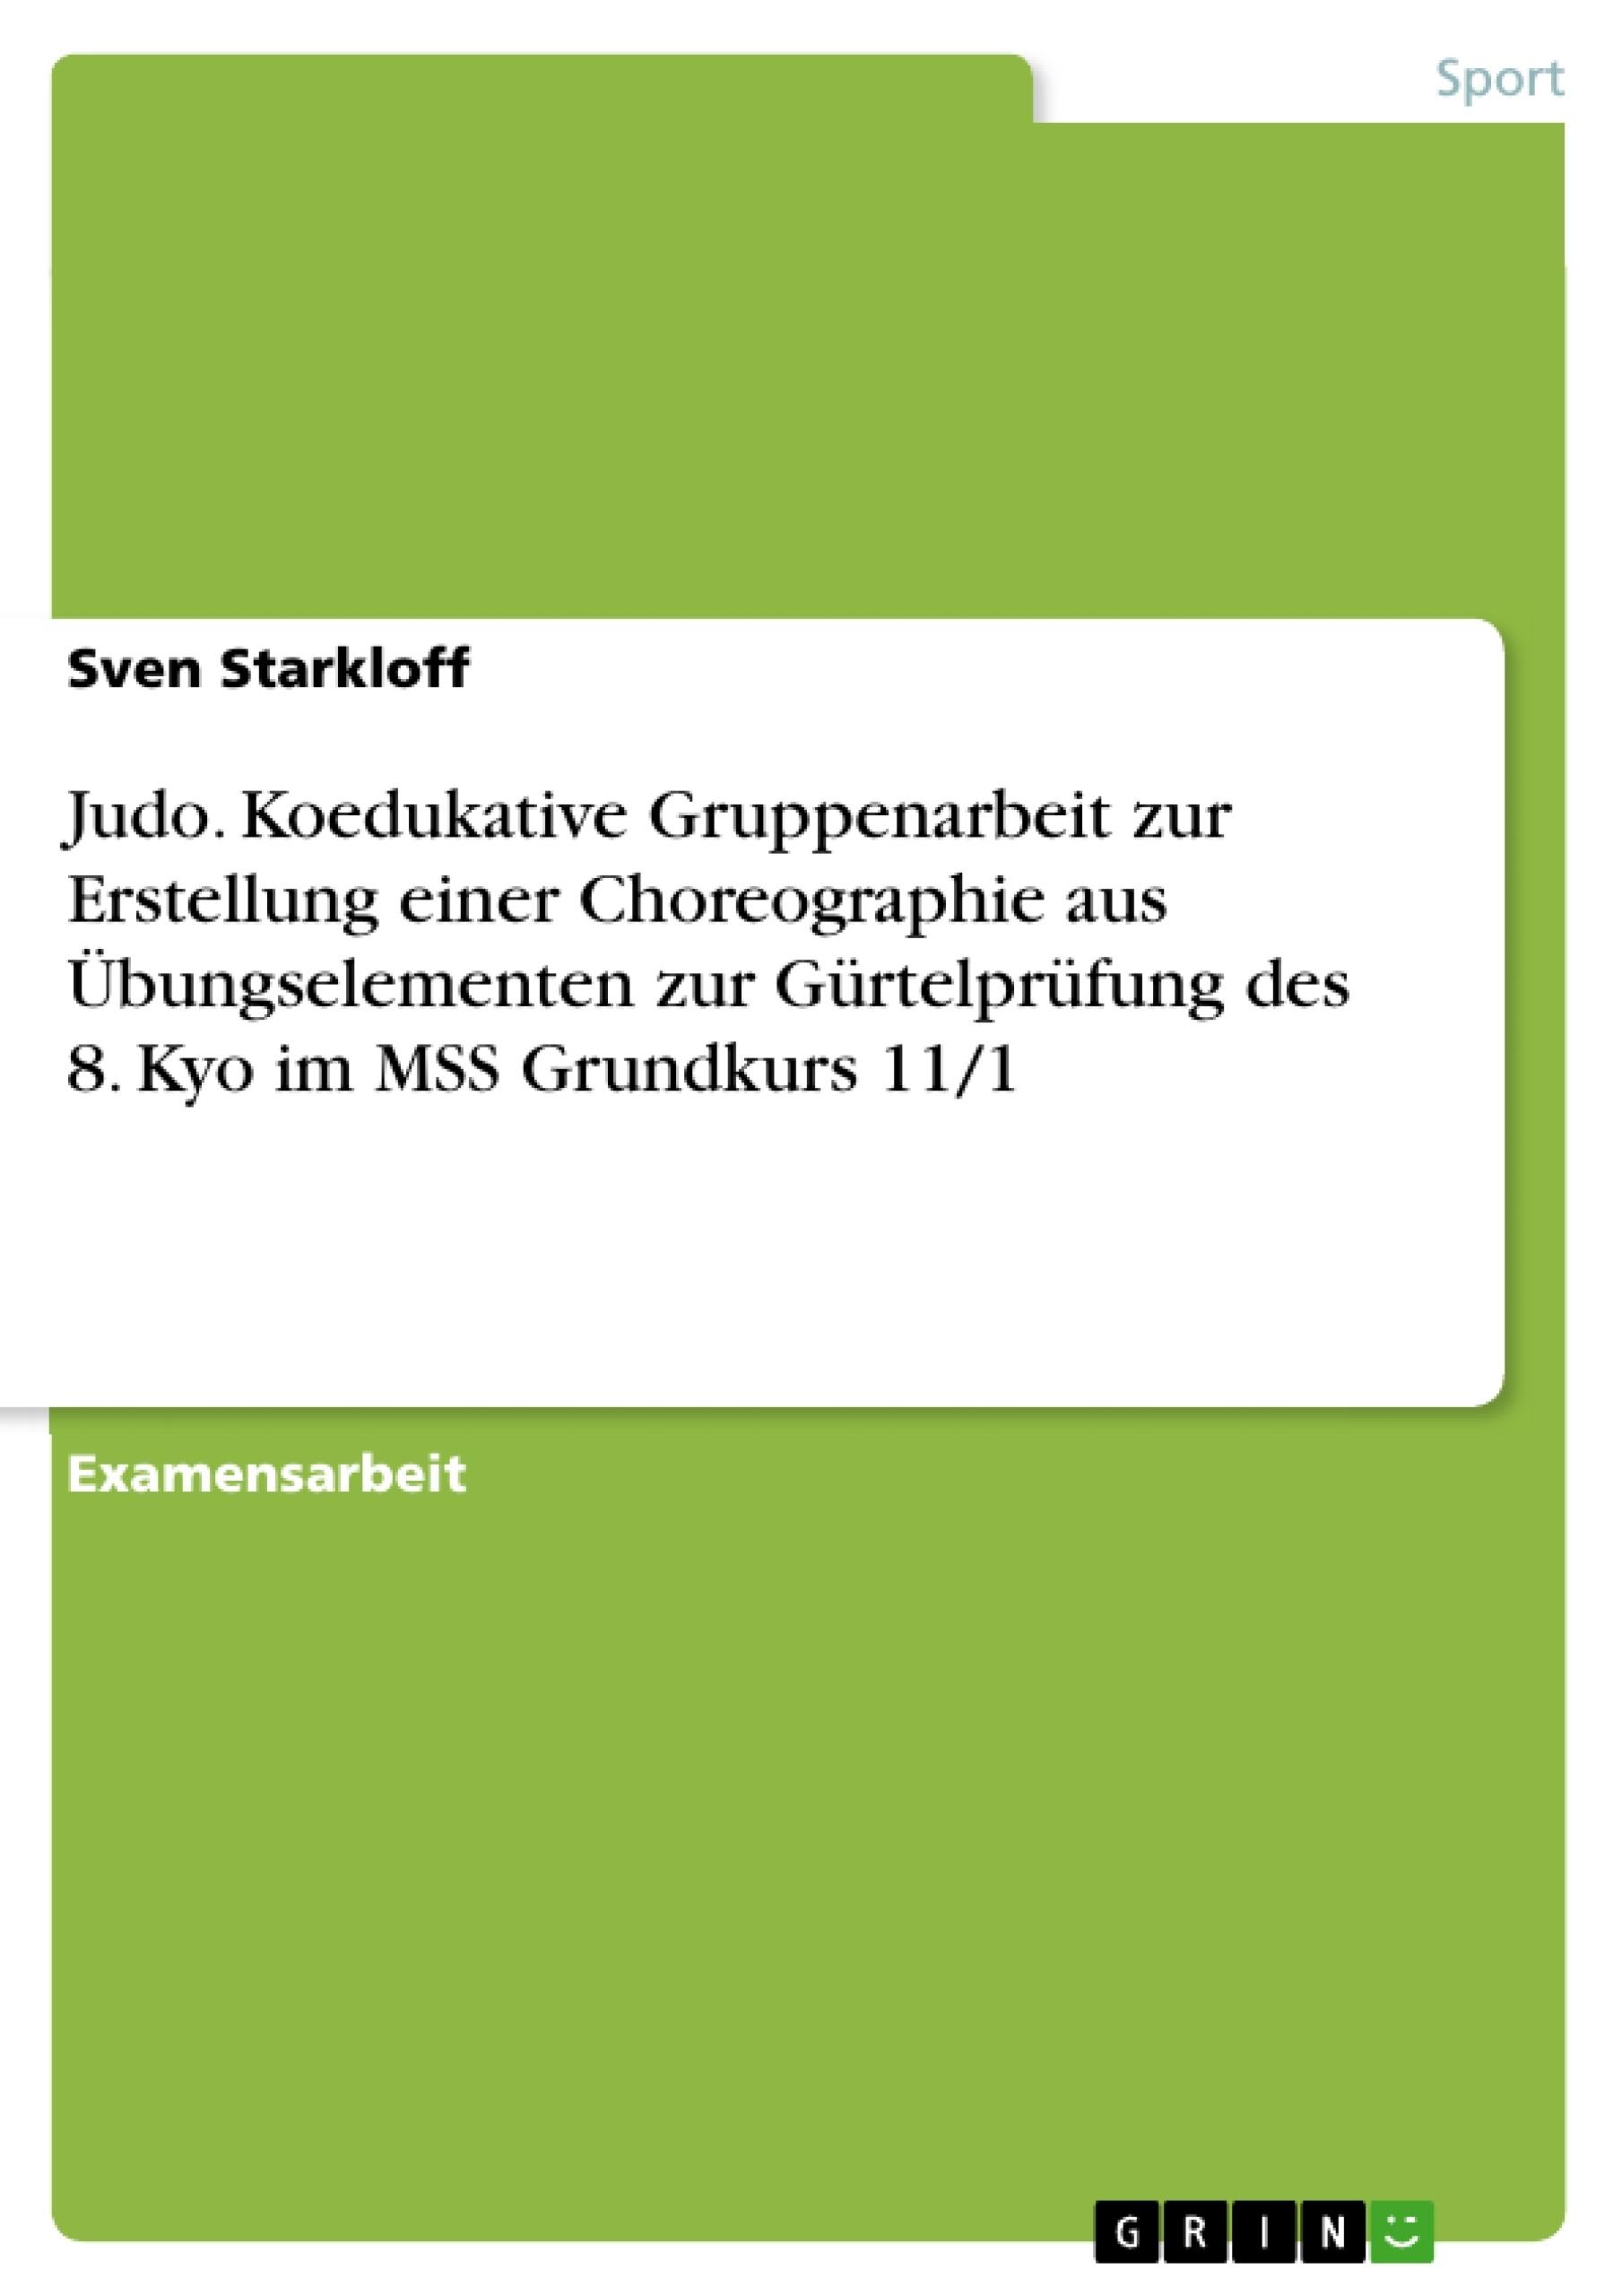 Titel: Judo. Koedukative Gruppenarbeit zur Erstellung einer Choreographie aus Übungselementen zur Gürtelprüfung des 8. Kyo im MSS Grundkurs 11/1